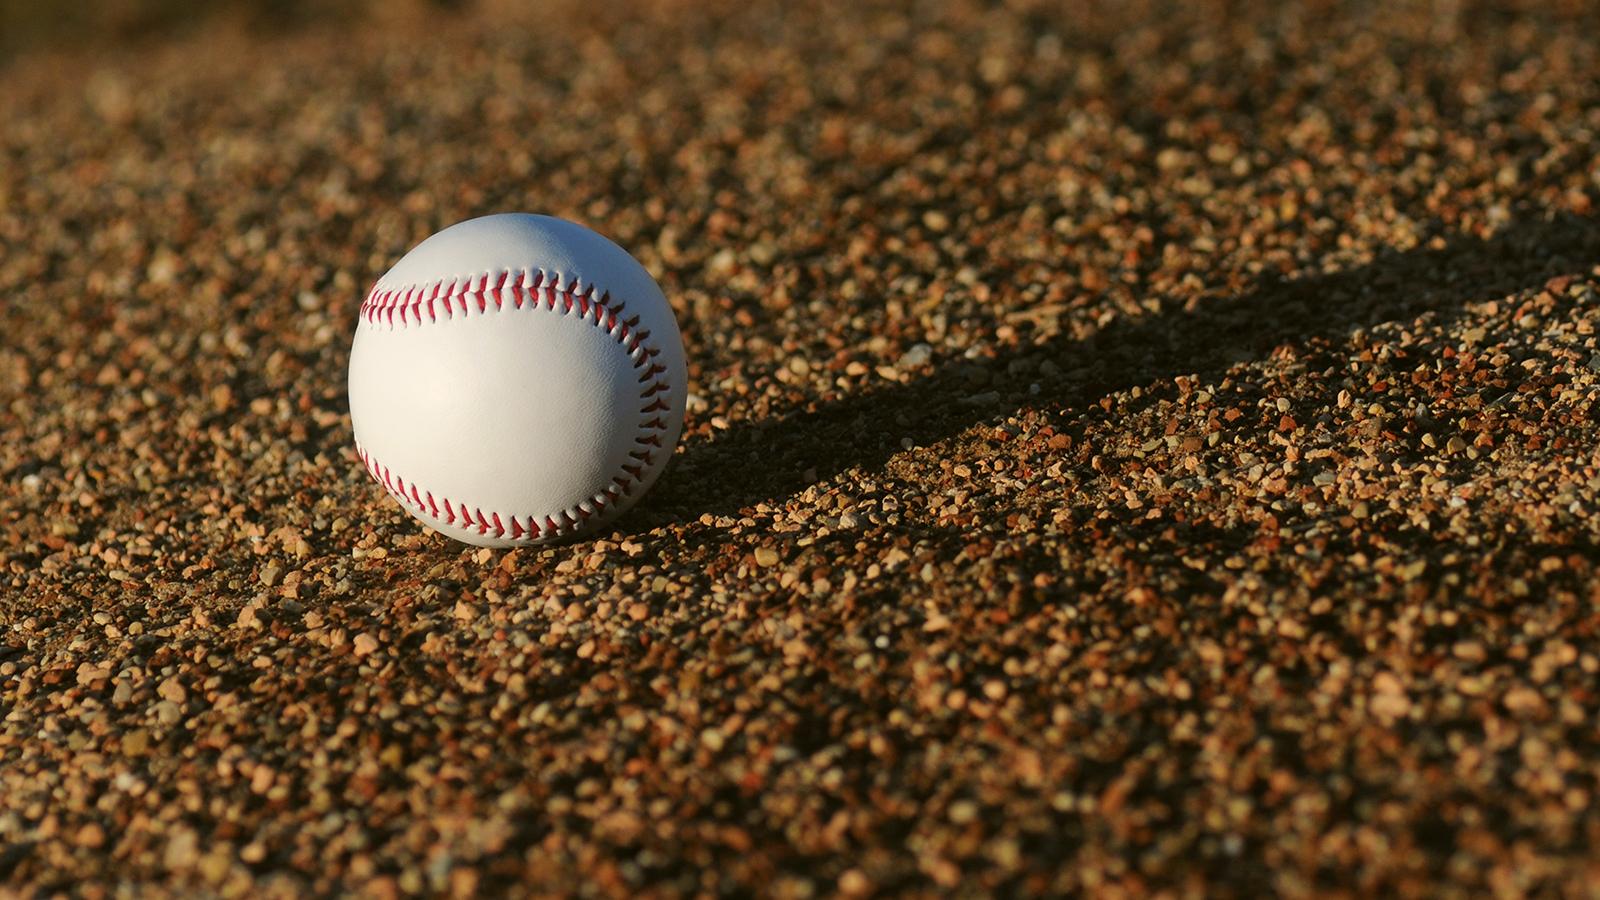 【きょうのスポーツ】楽天・田中将大と広島の新人王右腕・森下暢仁の投げ合いに注目|野球